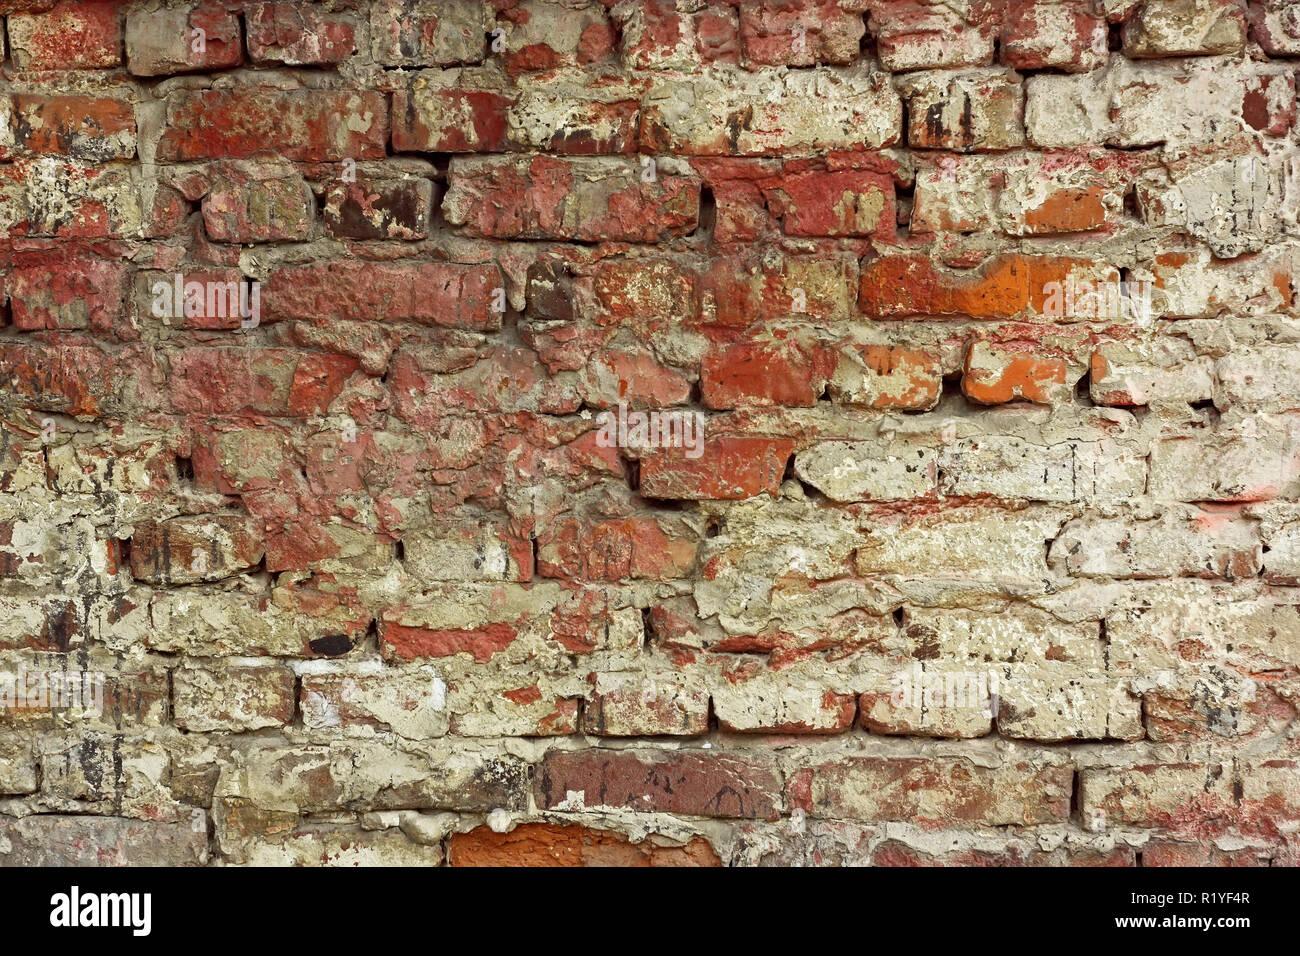 Fragment De L Ancien Mur De Briques Avec Les Couches De